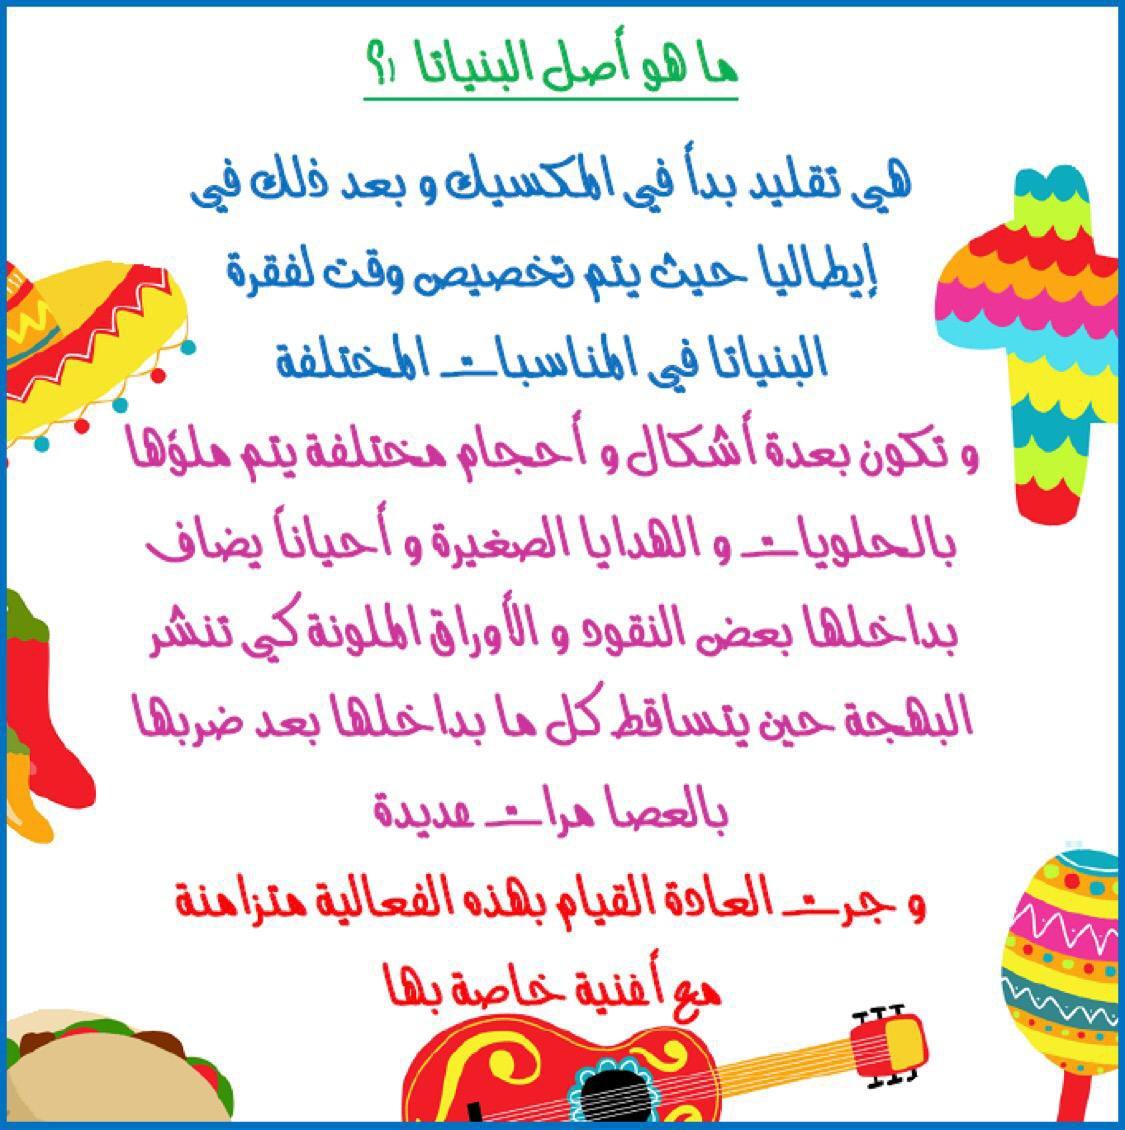 #قصة_هاشتاق — فن البنياتا بِكل شغف لنشر البهجة في احتفالاتكم و جعْلها ذكرى جميلة 🎊  مكة - جدة - الطائف Instagram/la.la.land.pinata whatsapp/0565005202